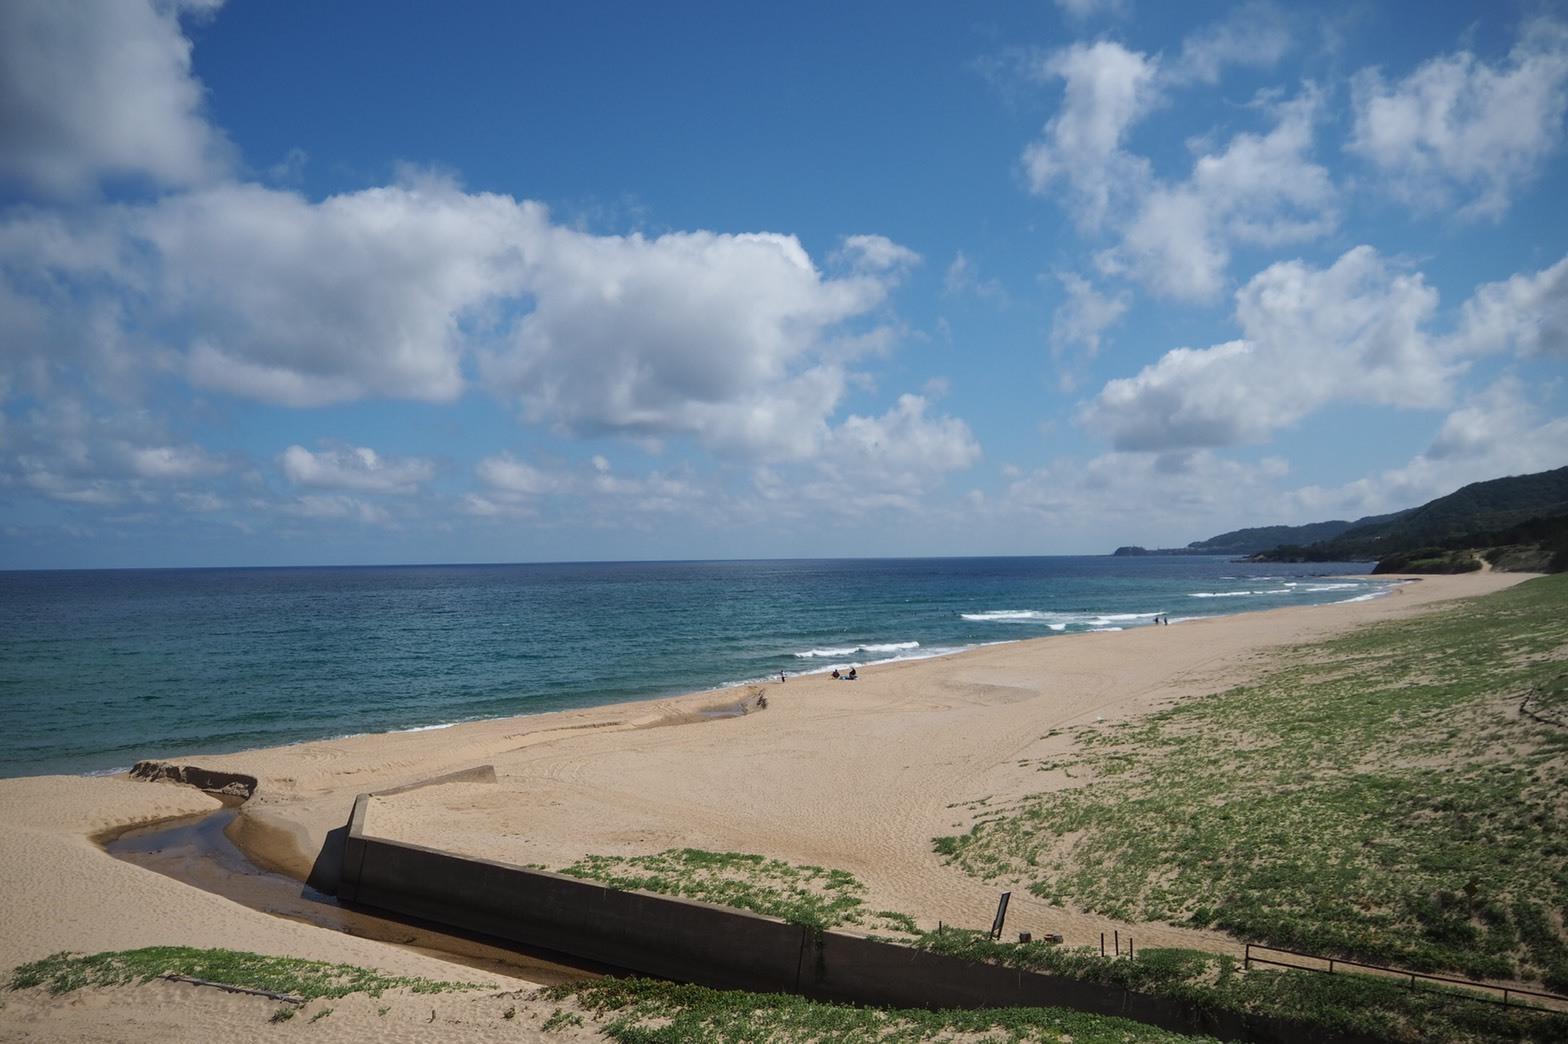 ぴーきち&ダイナ ハーレーブログ 京都丹後半島ツーリンング 琴引浜 鳴き砂